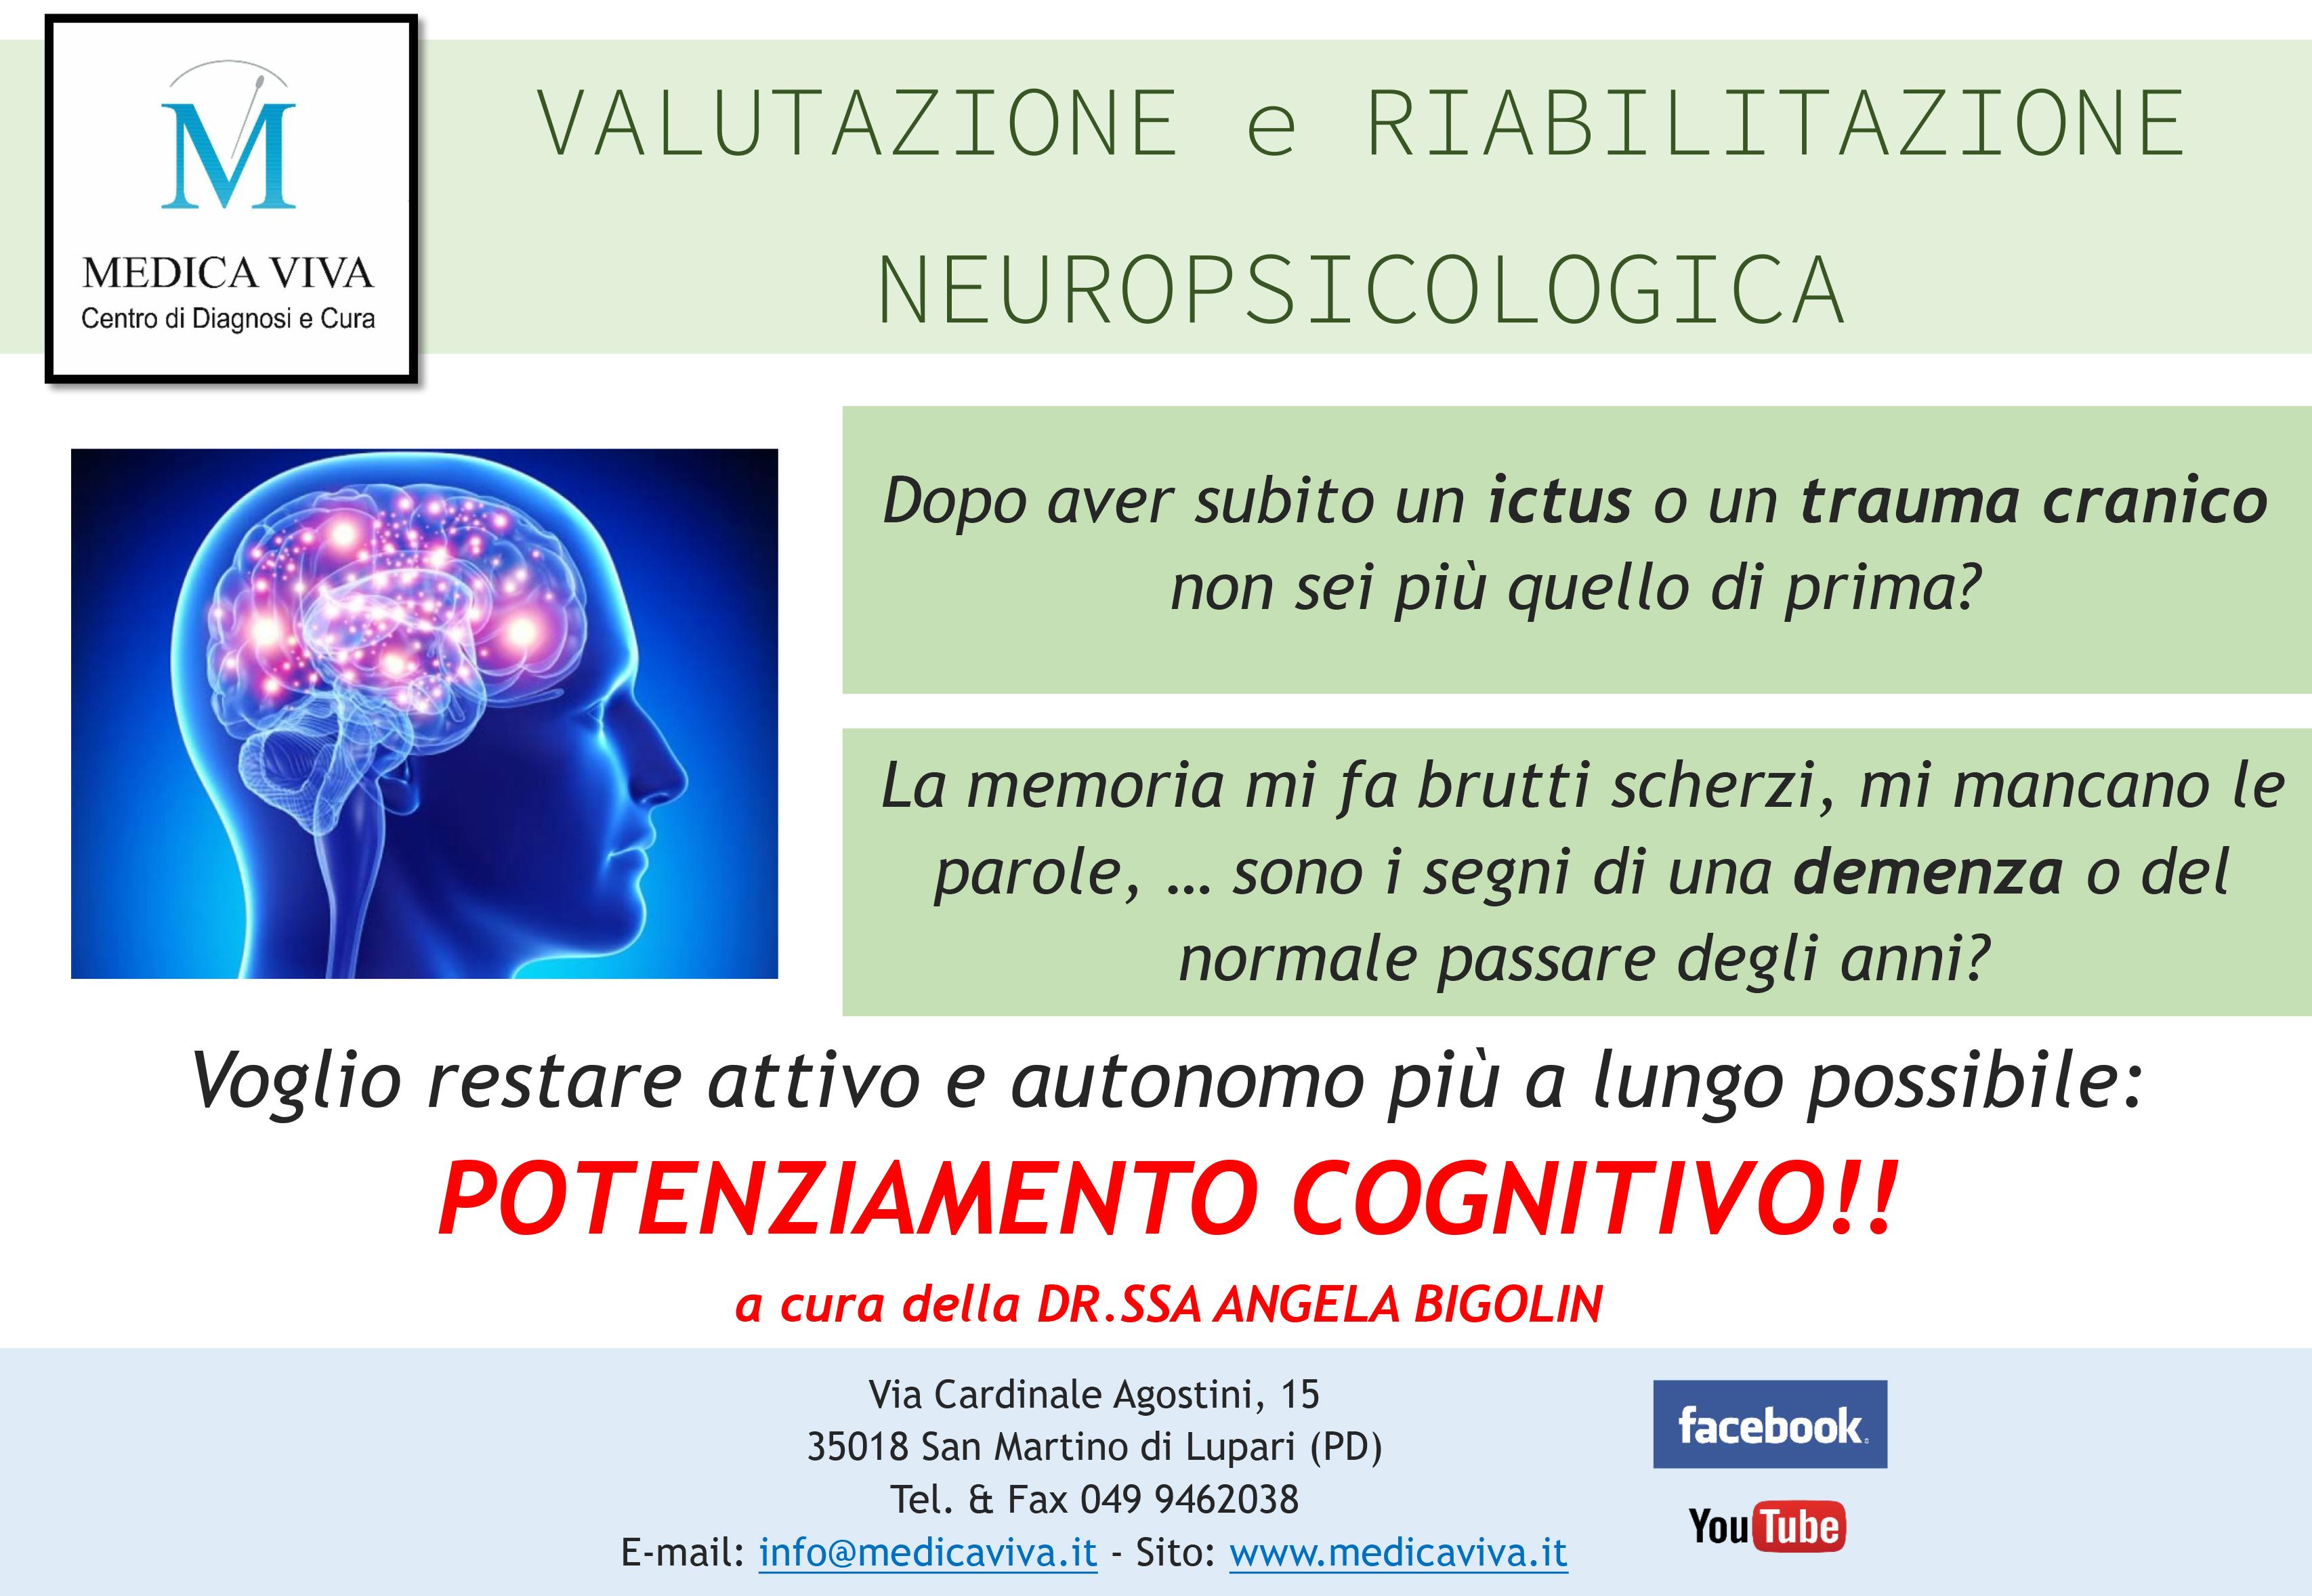 valutazione e riabilitazione neuropsicologica